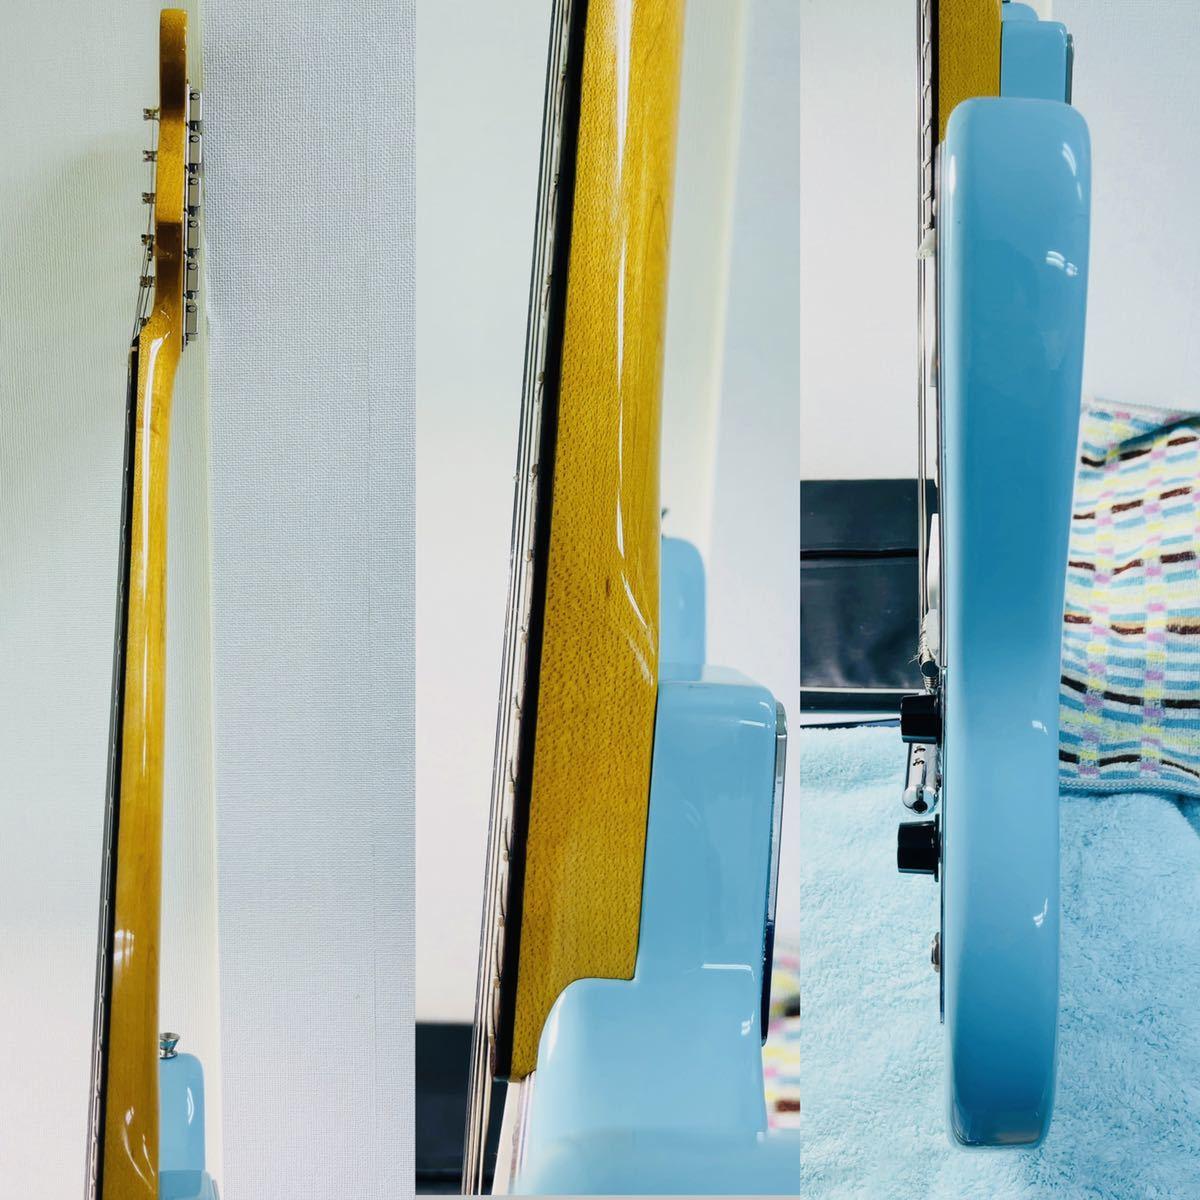 美品 Fender フェンダー MUSTANG エレキギター ムスタング U002928 肩掛けベルト ソフトケース付き_画像4